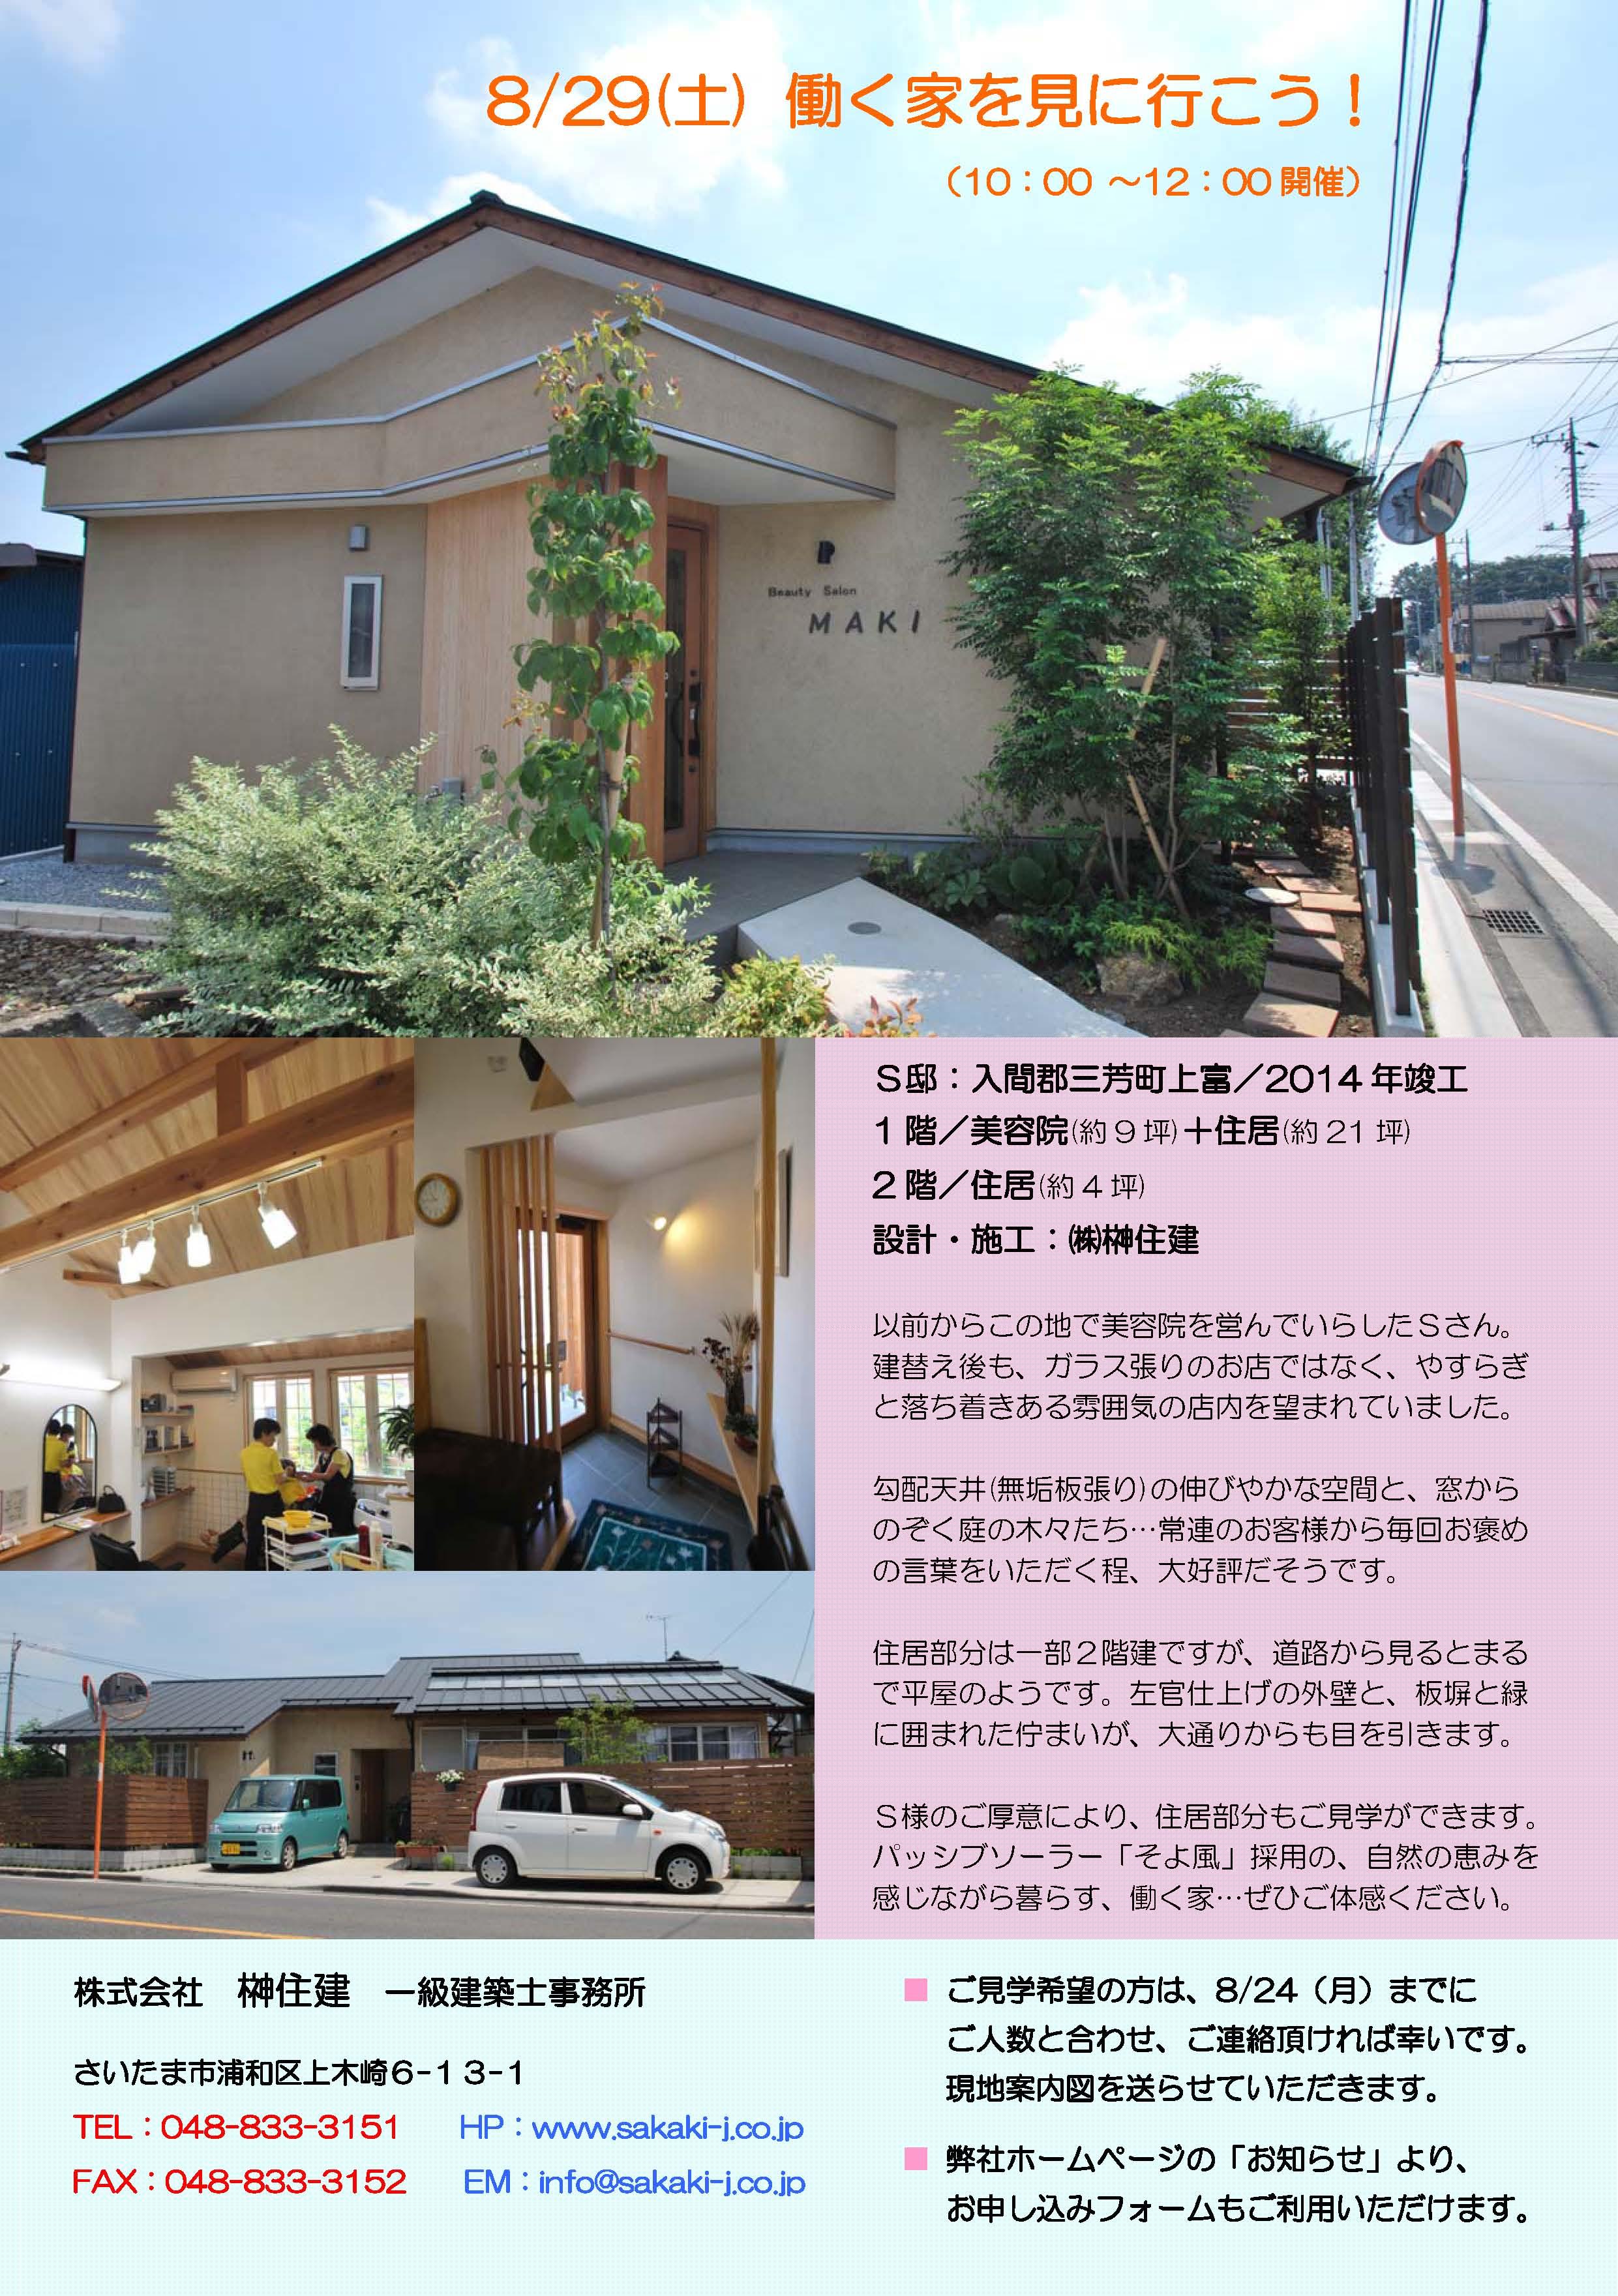 8/29(土)  【働く家を見に行こう!】 at 三芳町